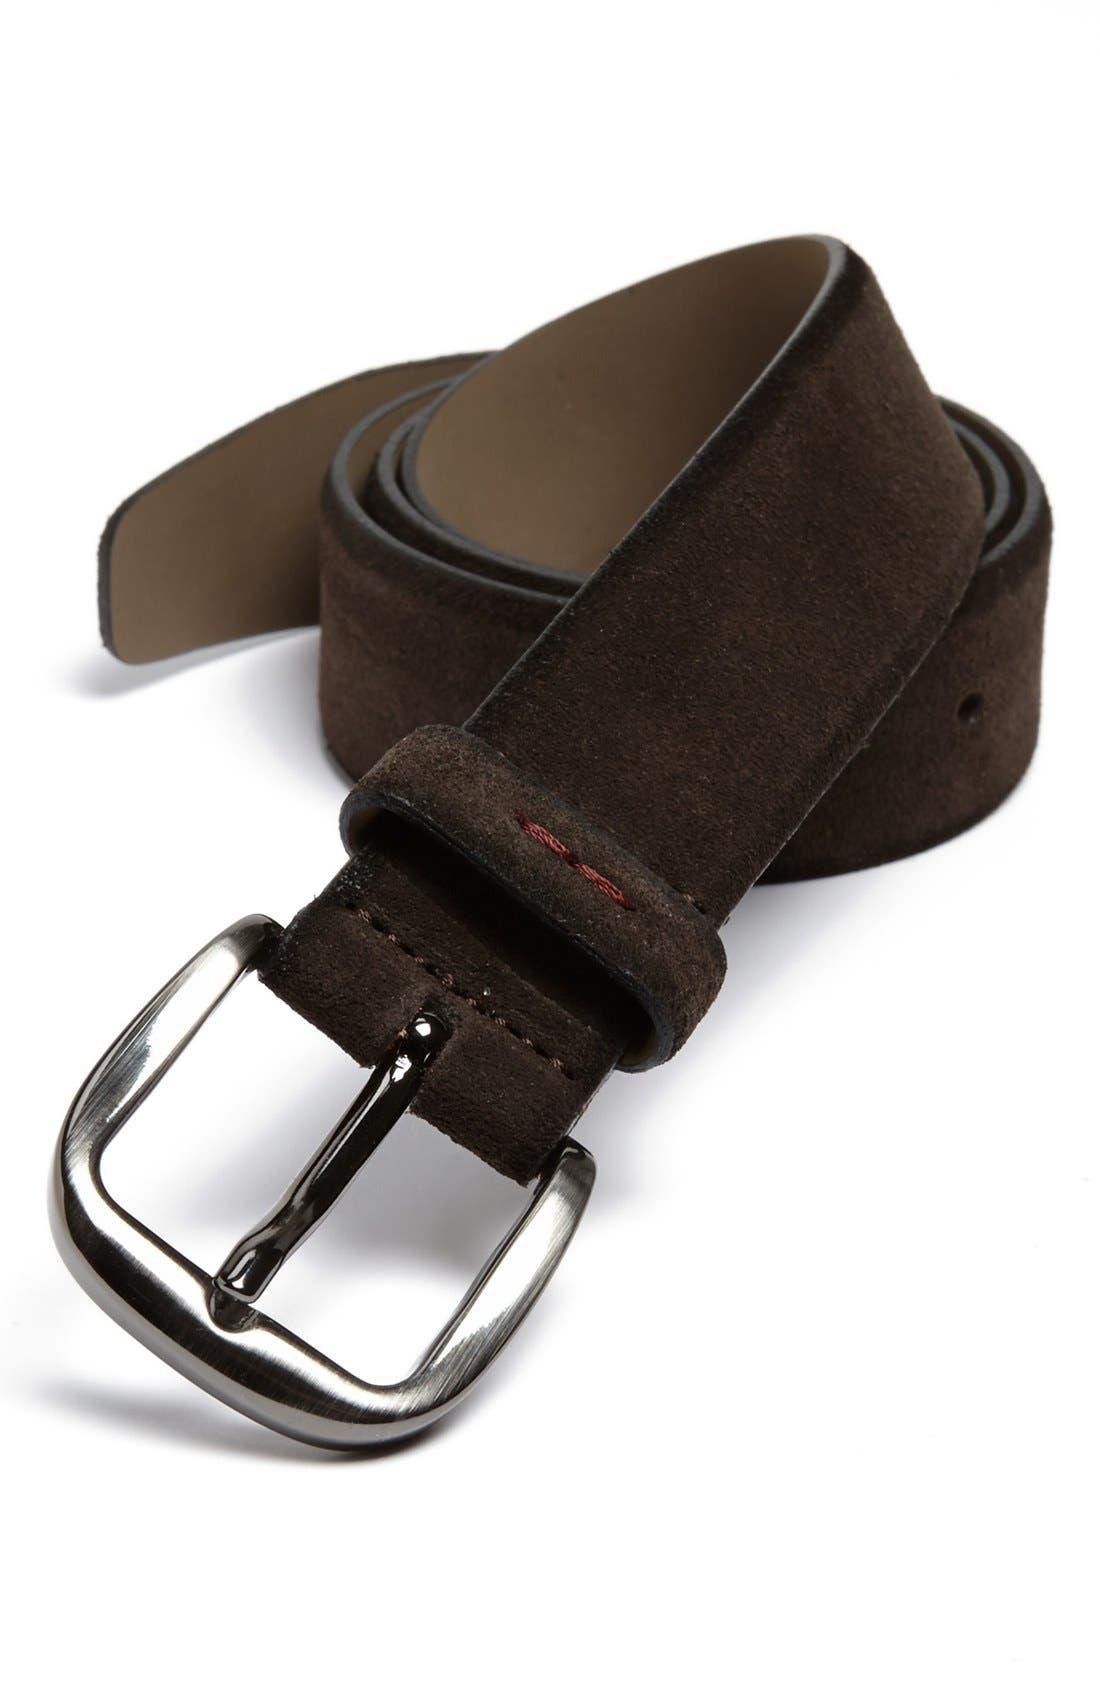 Alternate Image 1 Selected - BOSS HUGO BOSS 'Caros-S' Belt